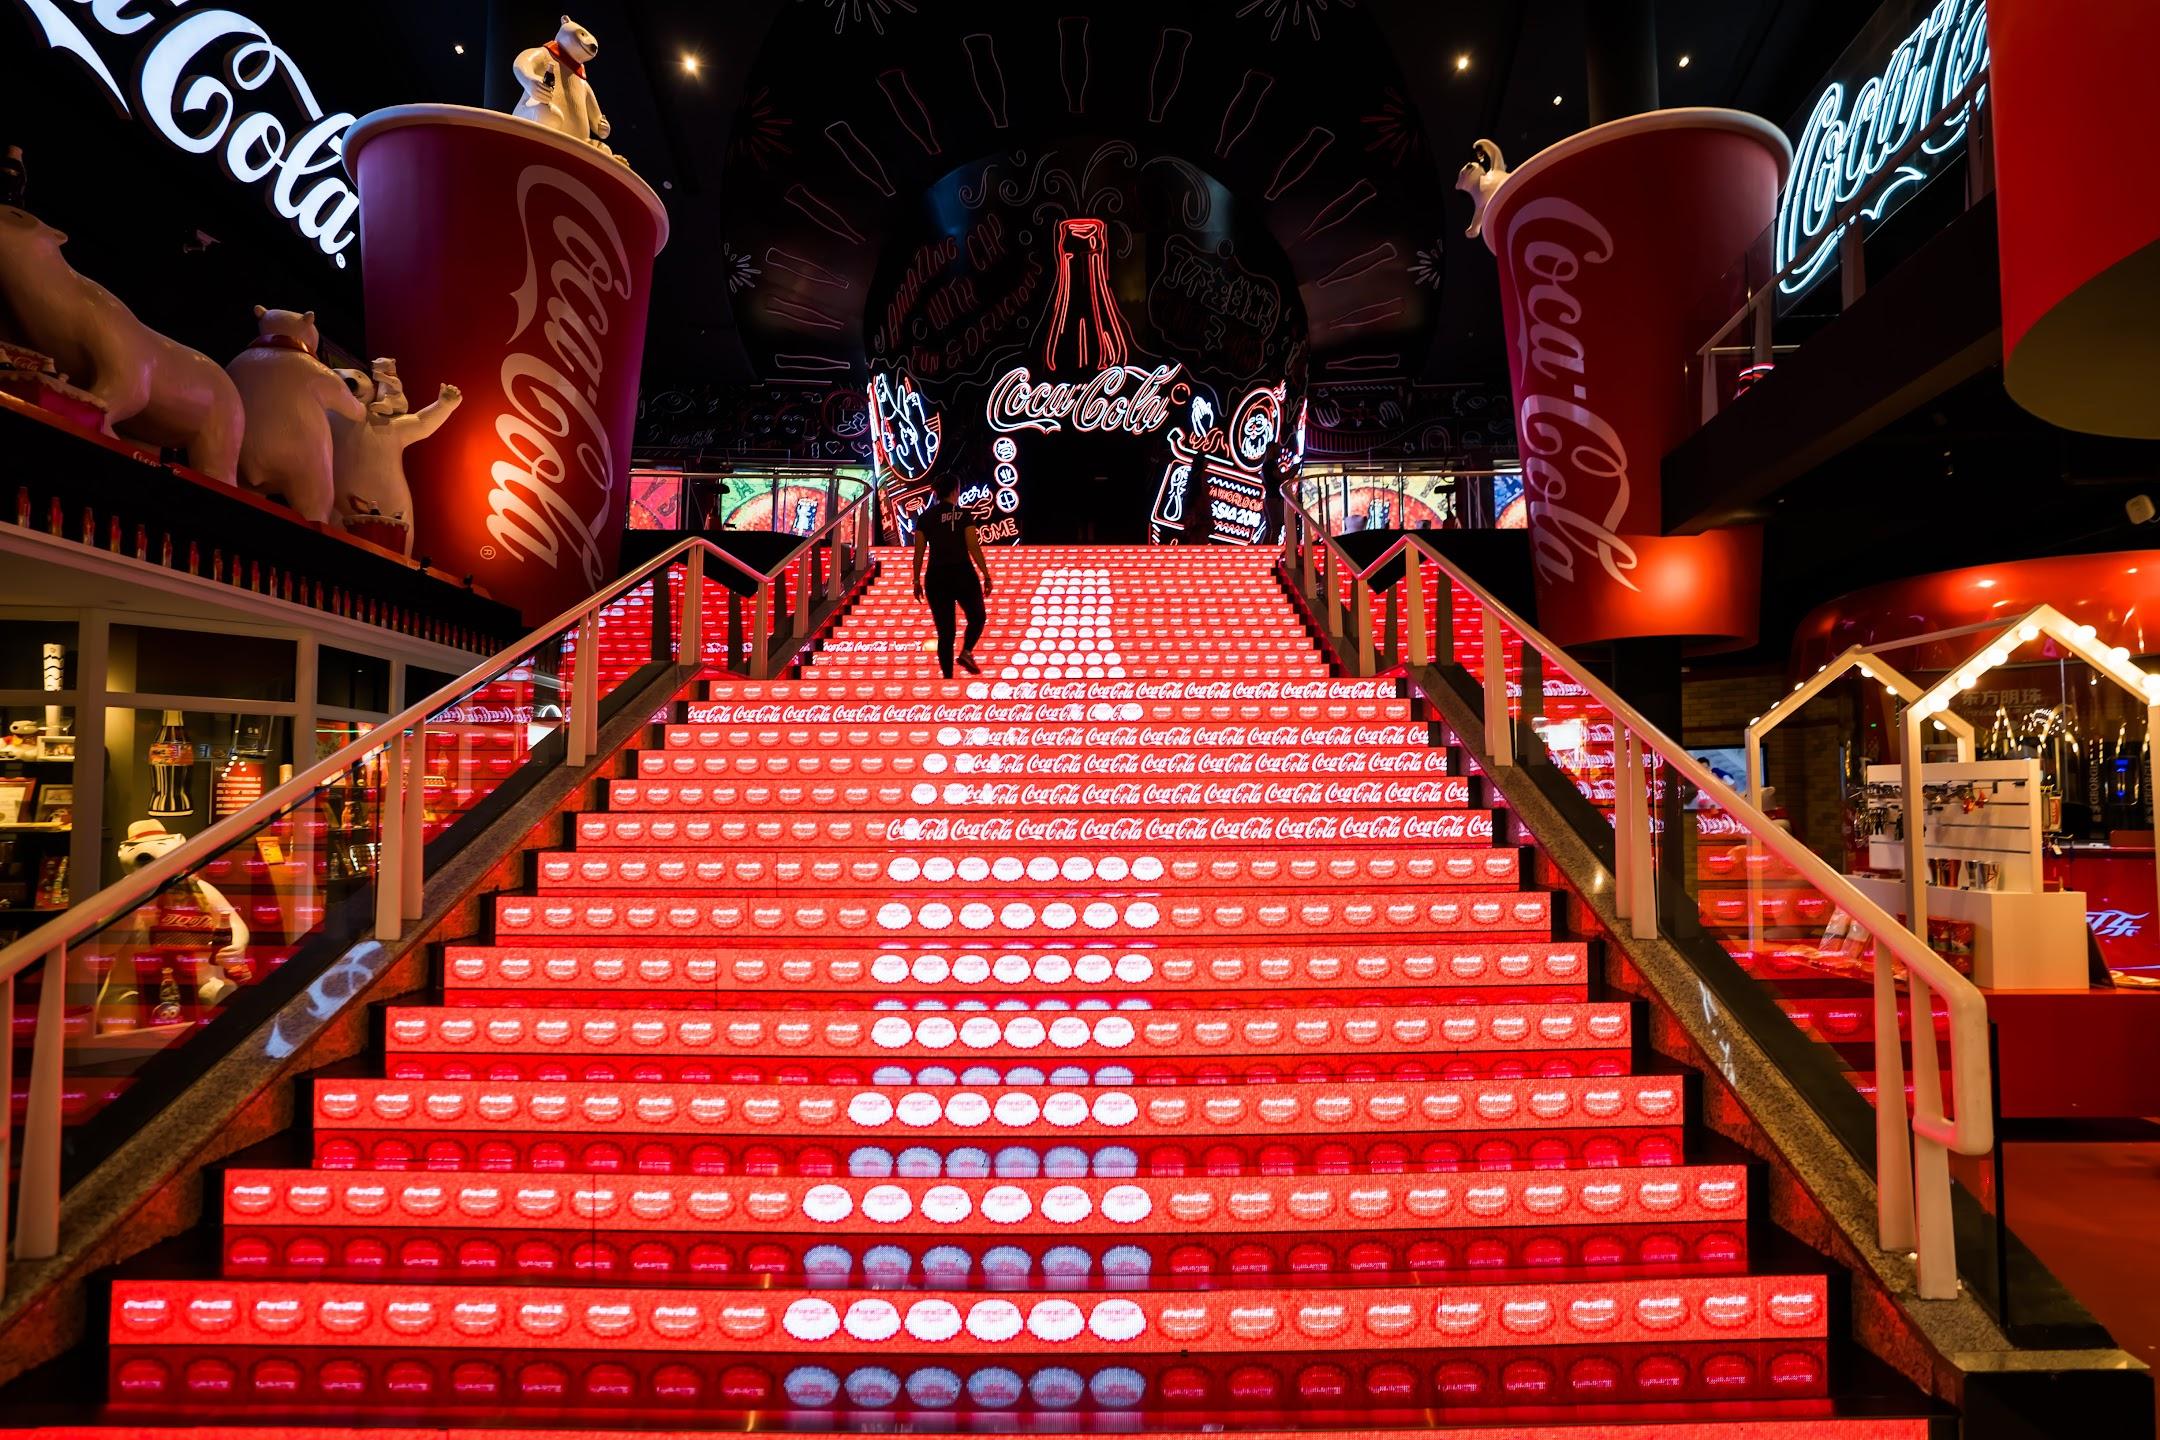 Shanghai Oriental Pearl Tower Coca-Cola2